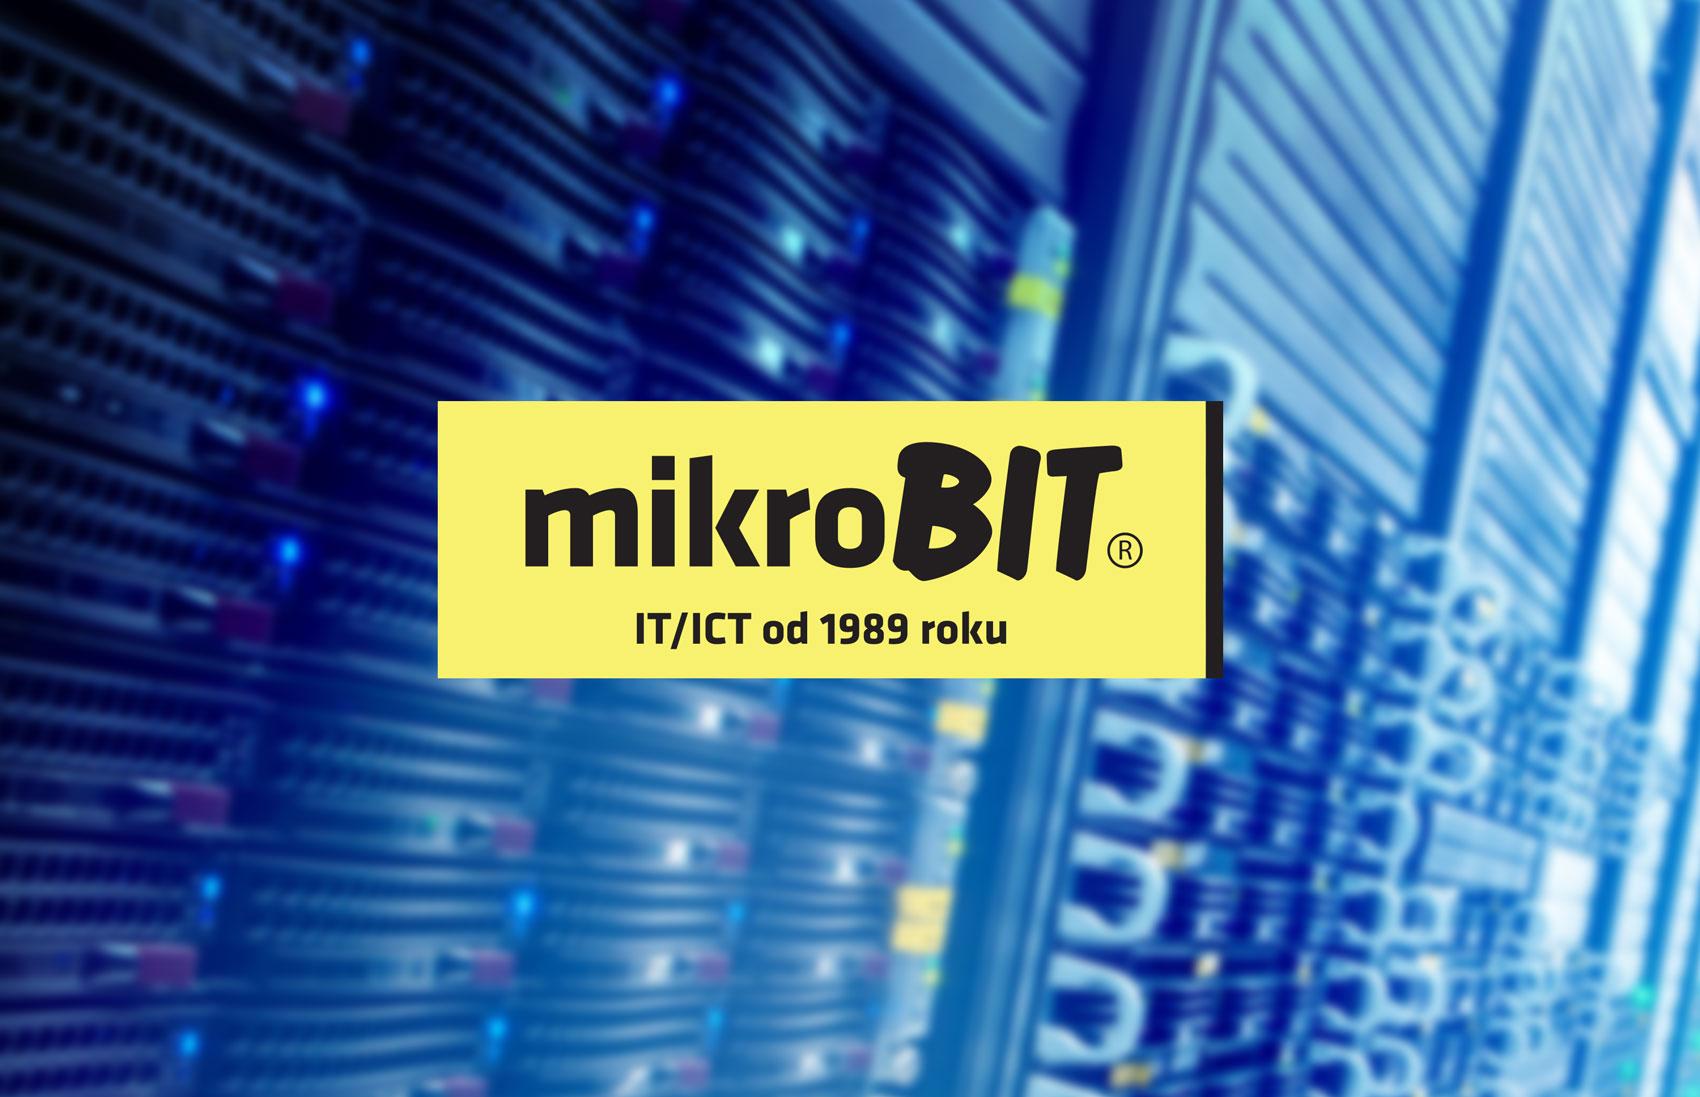 Mikrobit